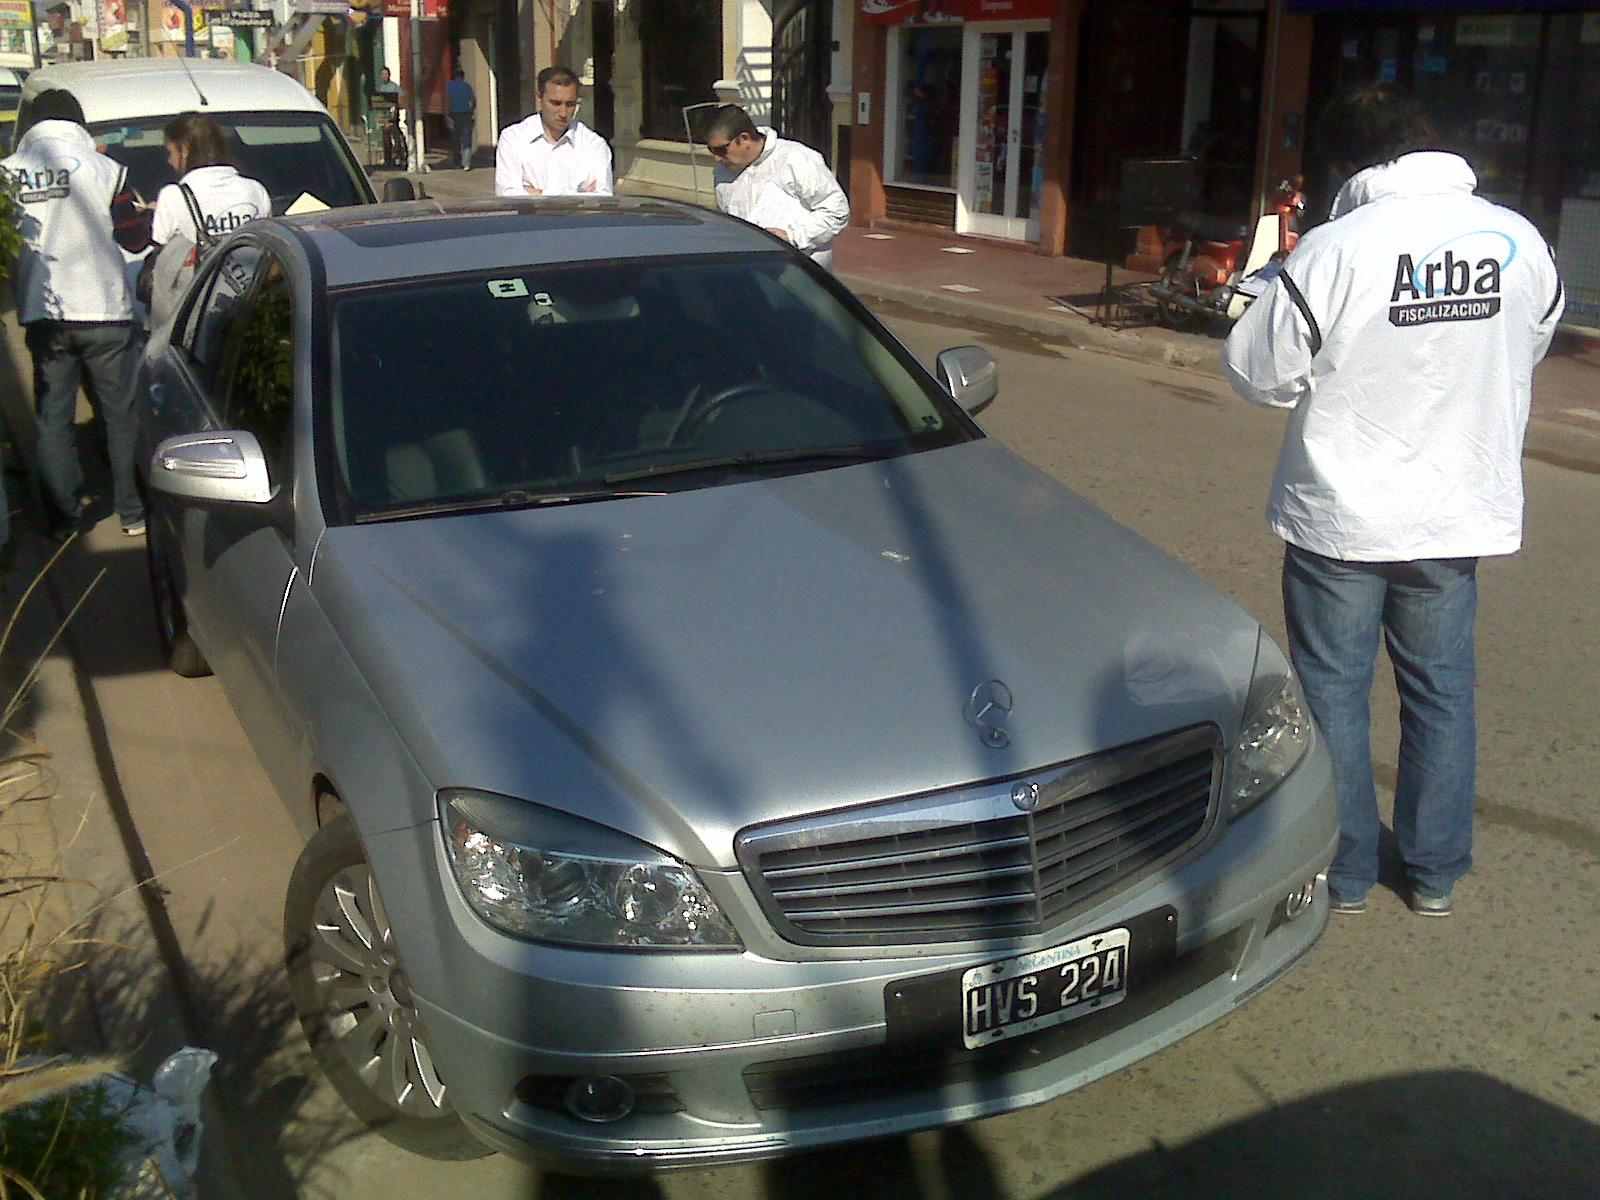 Arba retuvo un mercedes benz con una deuda de 8 mil pesos for Mercedes benz san pedro